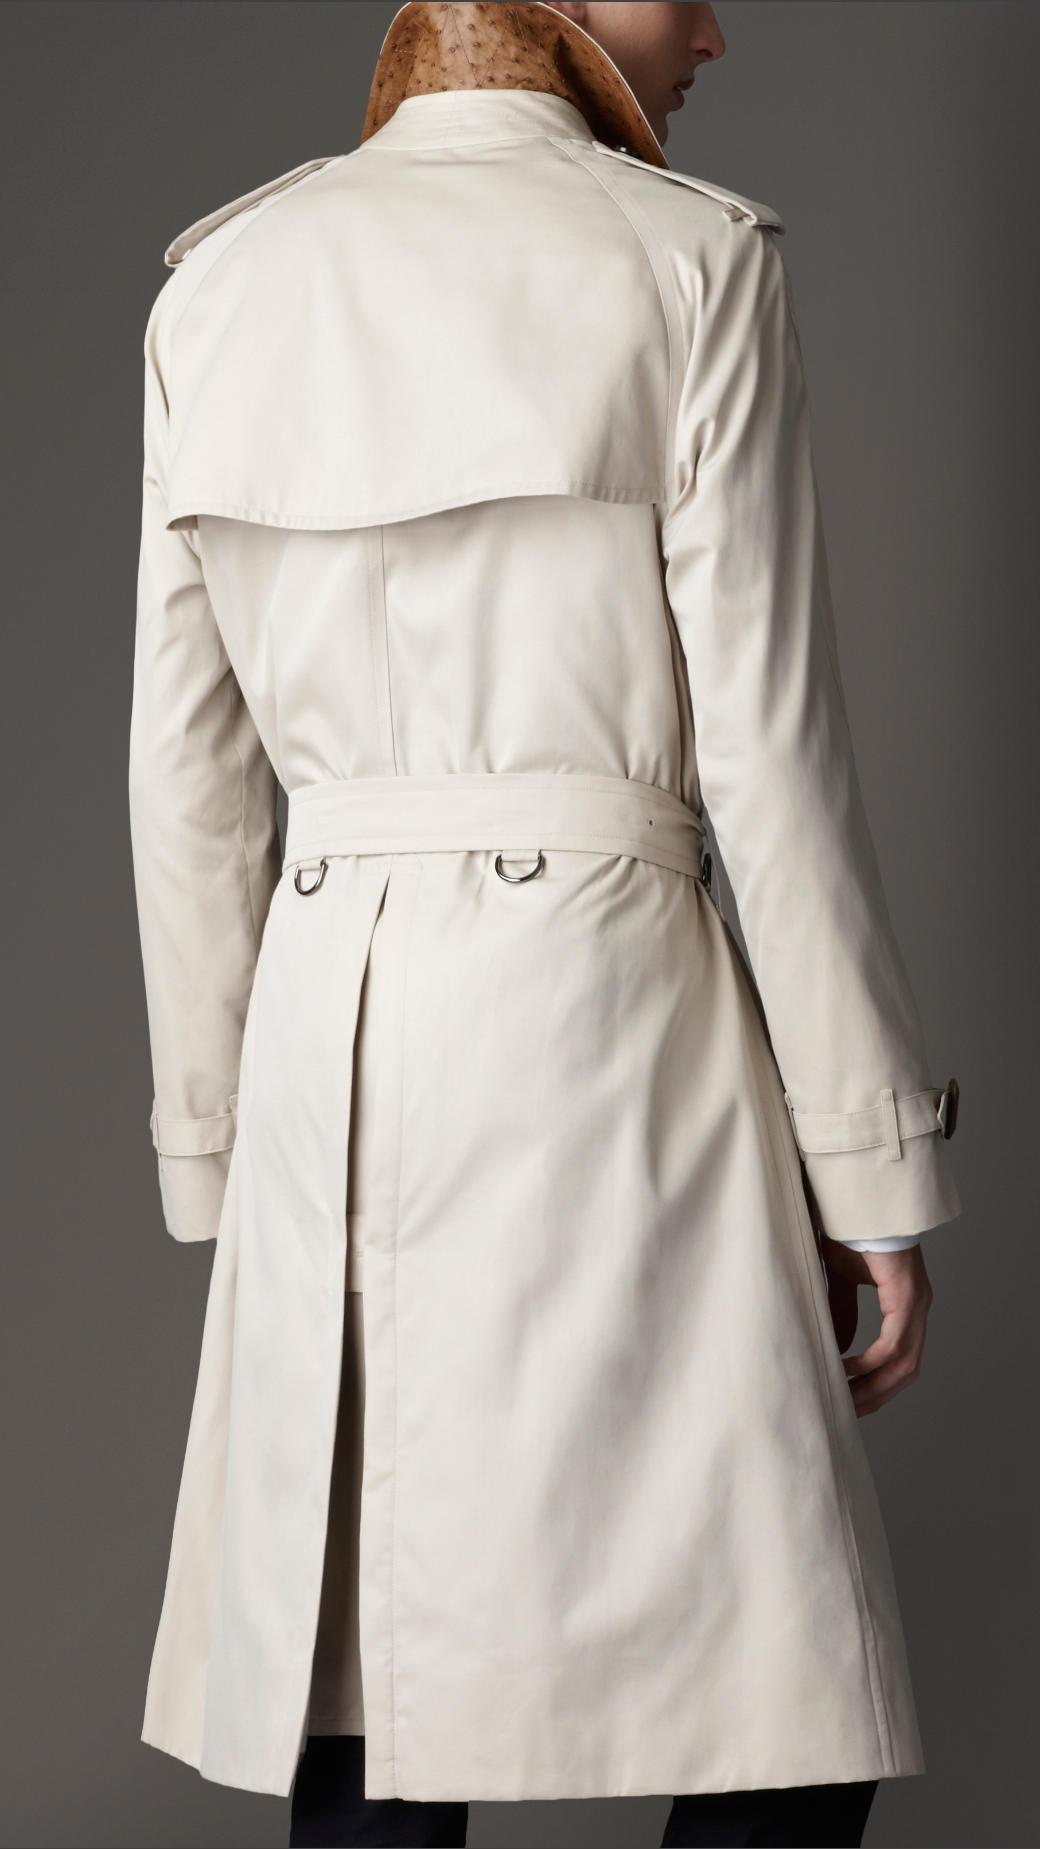 Womens white trench coat